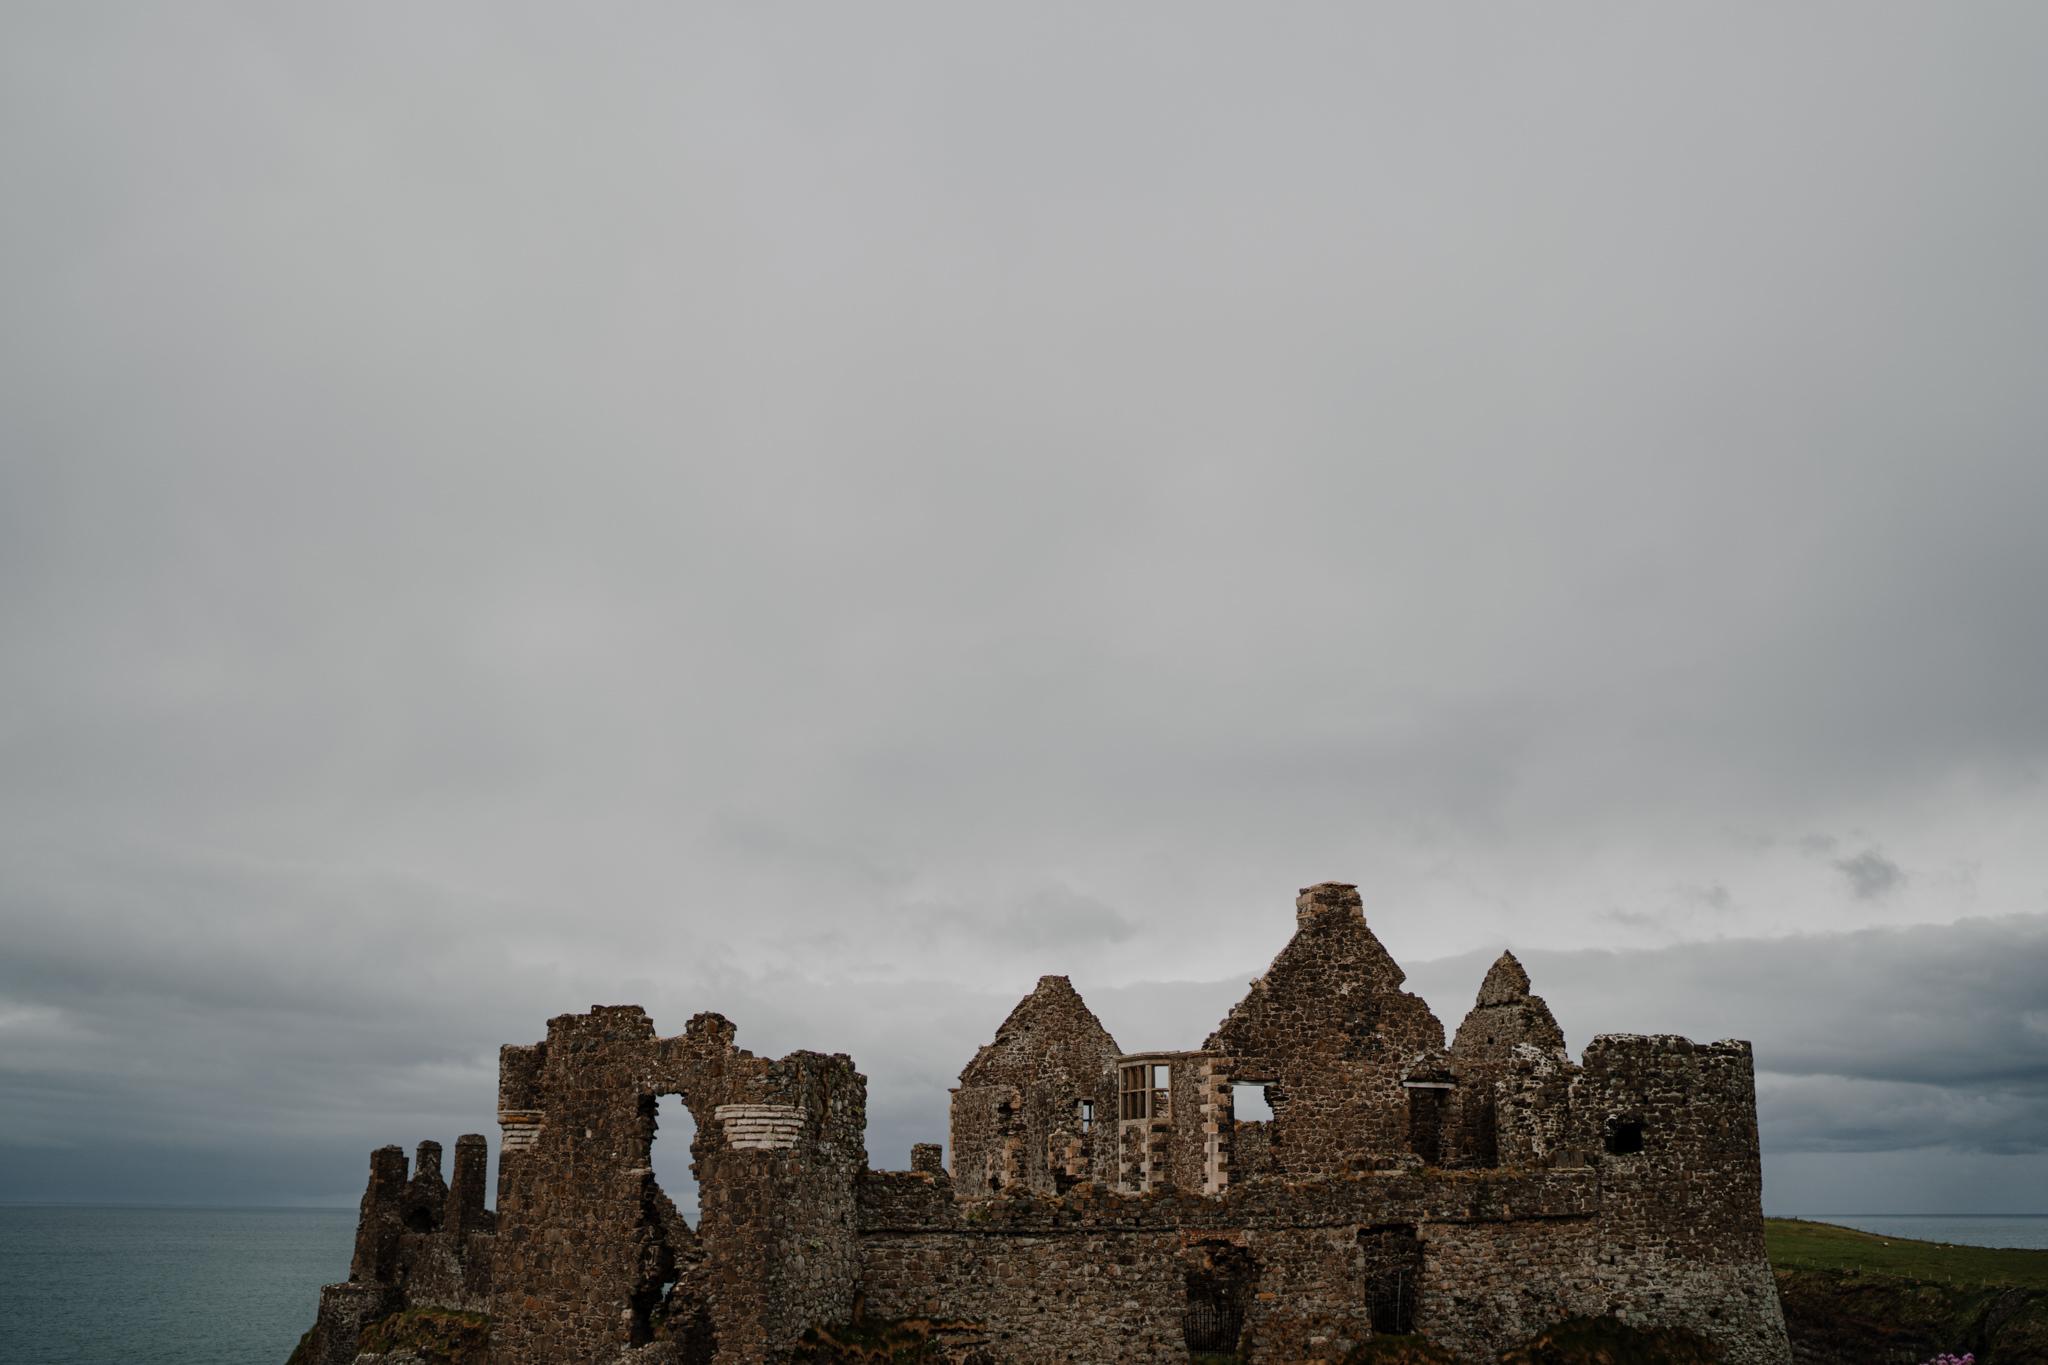 castle ruin locations in Ireland Dunluce Castle